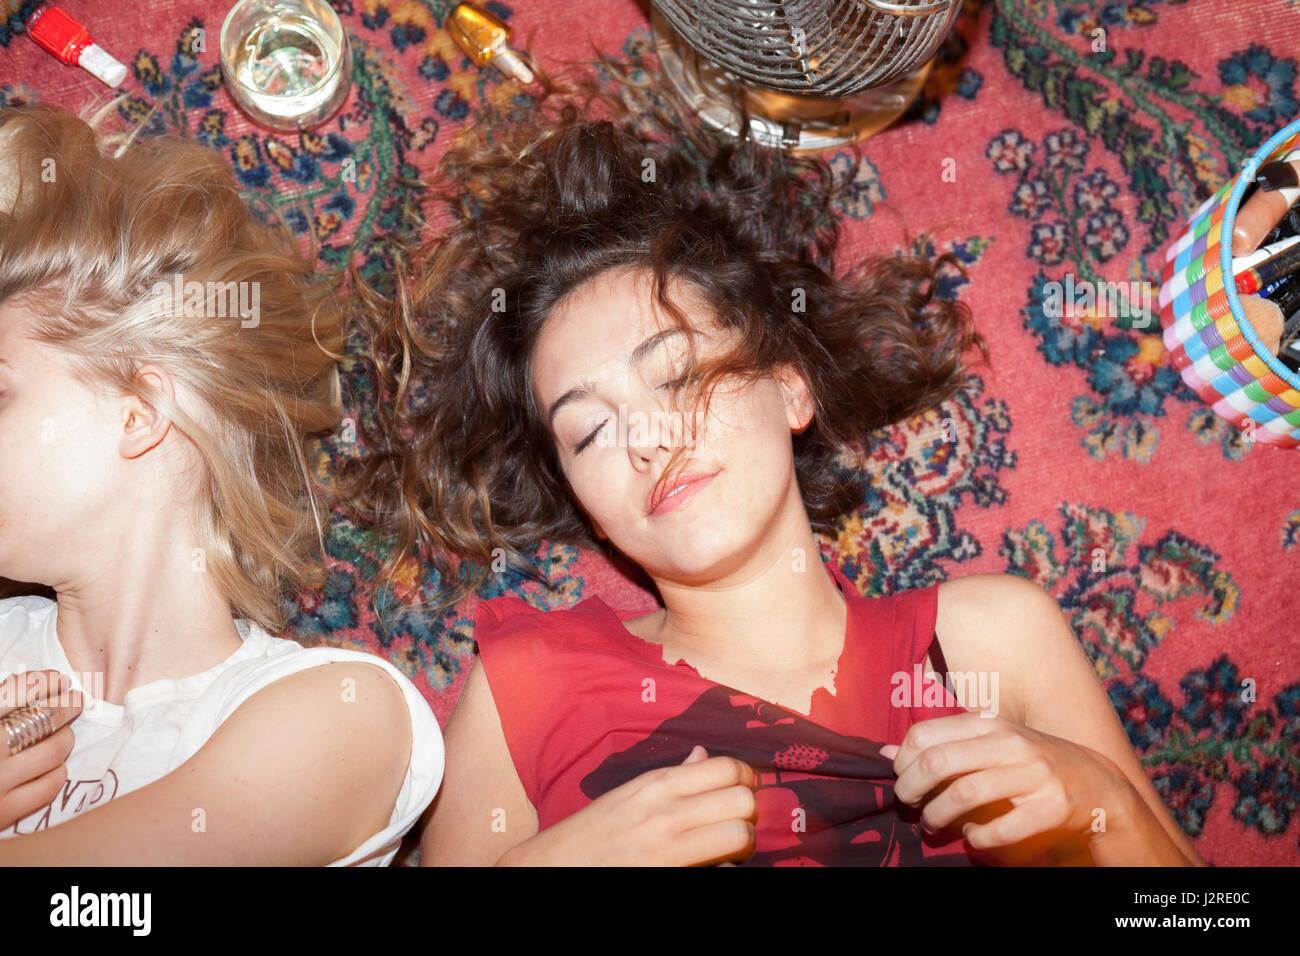 Ritratto di due giocosi giovani donne Immagini Stock